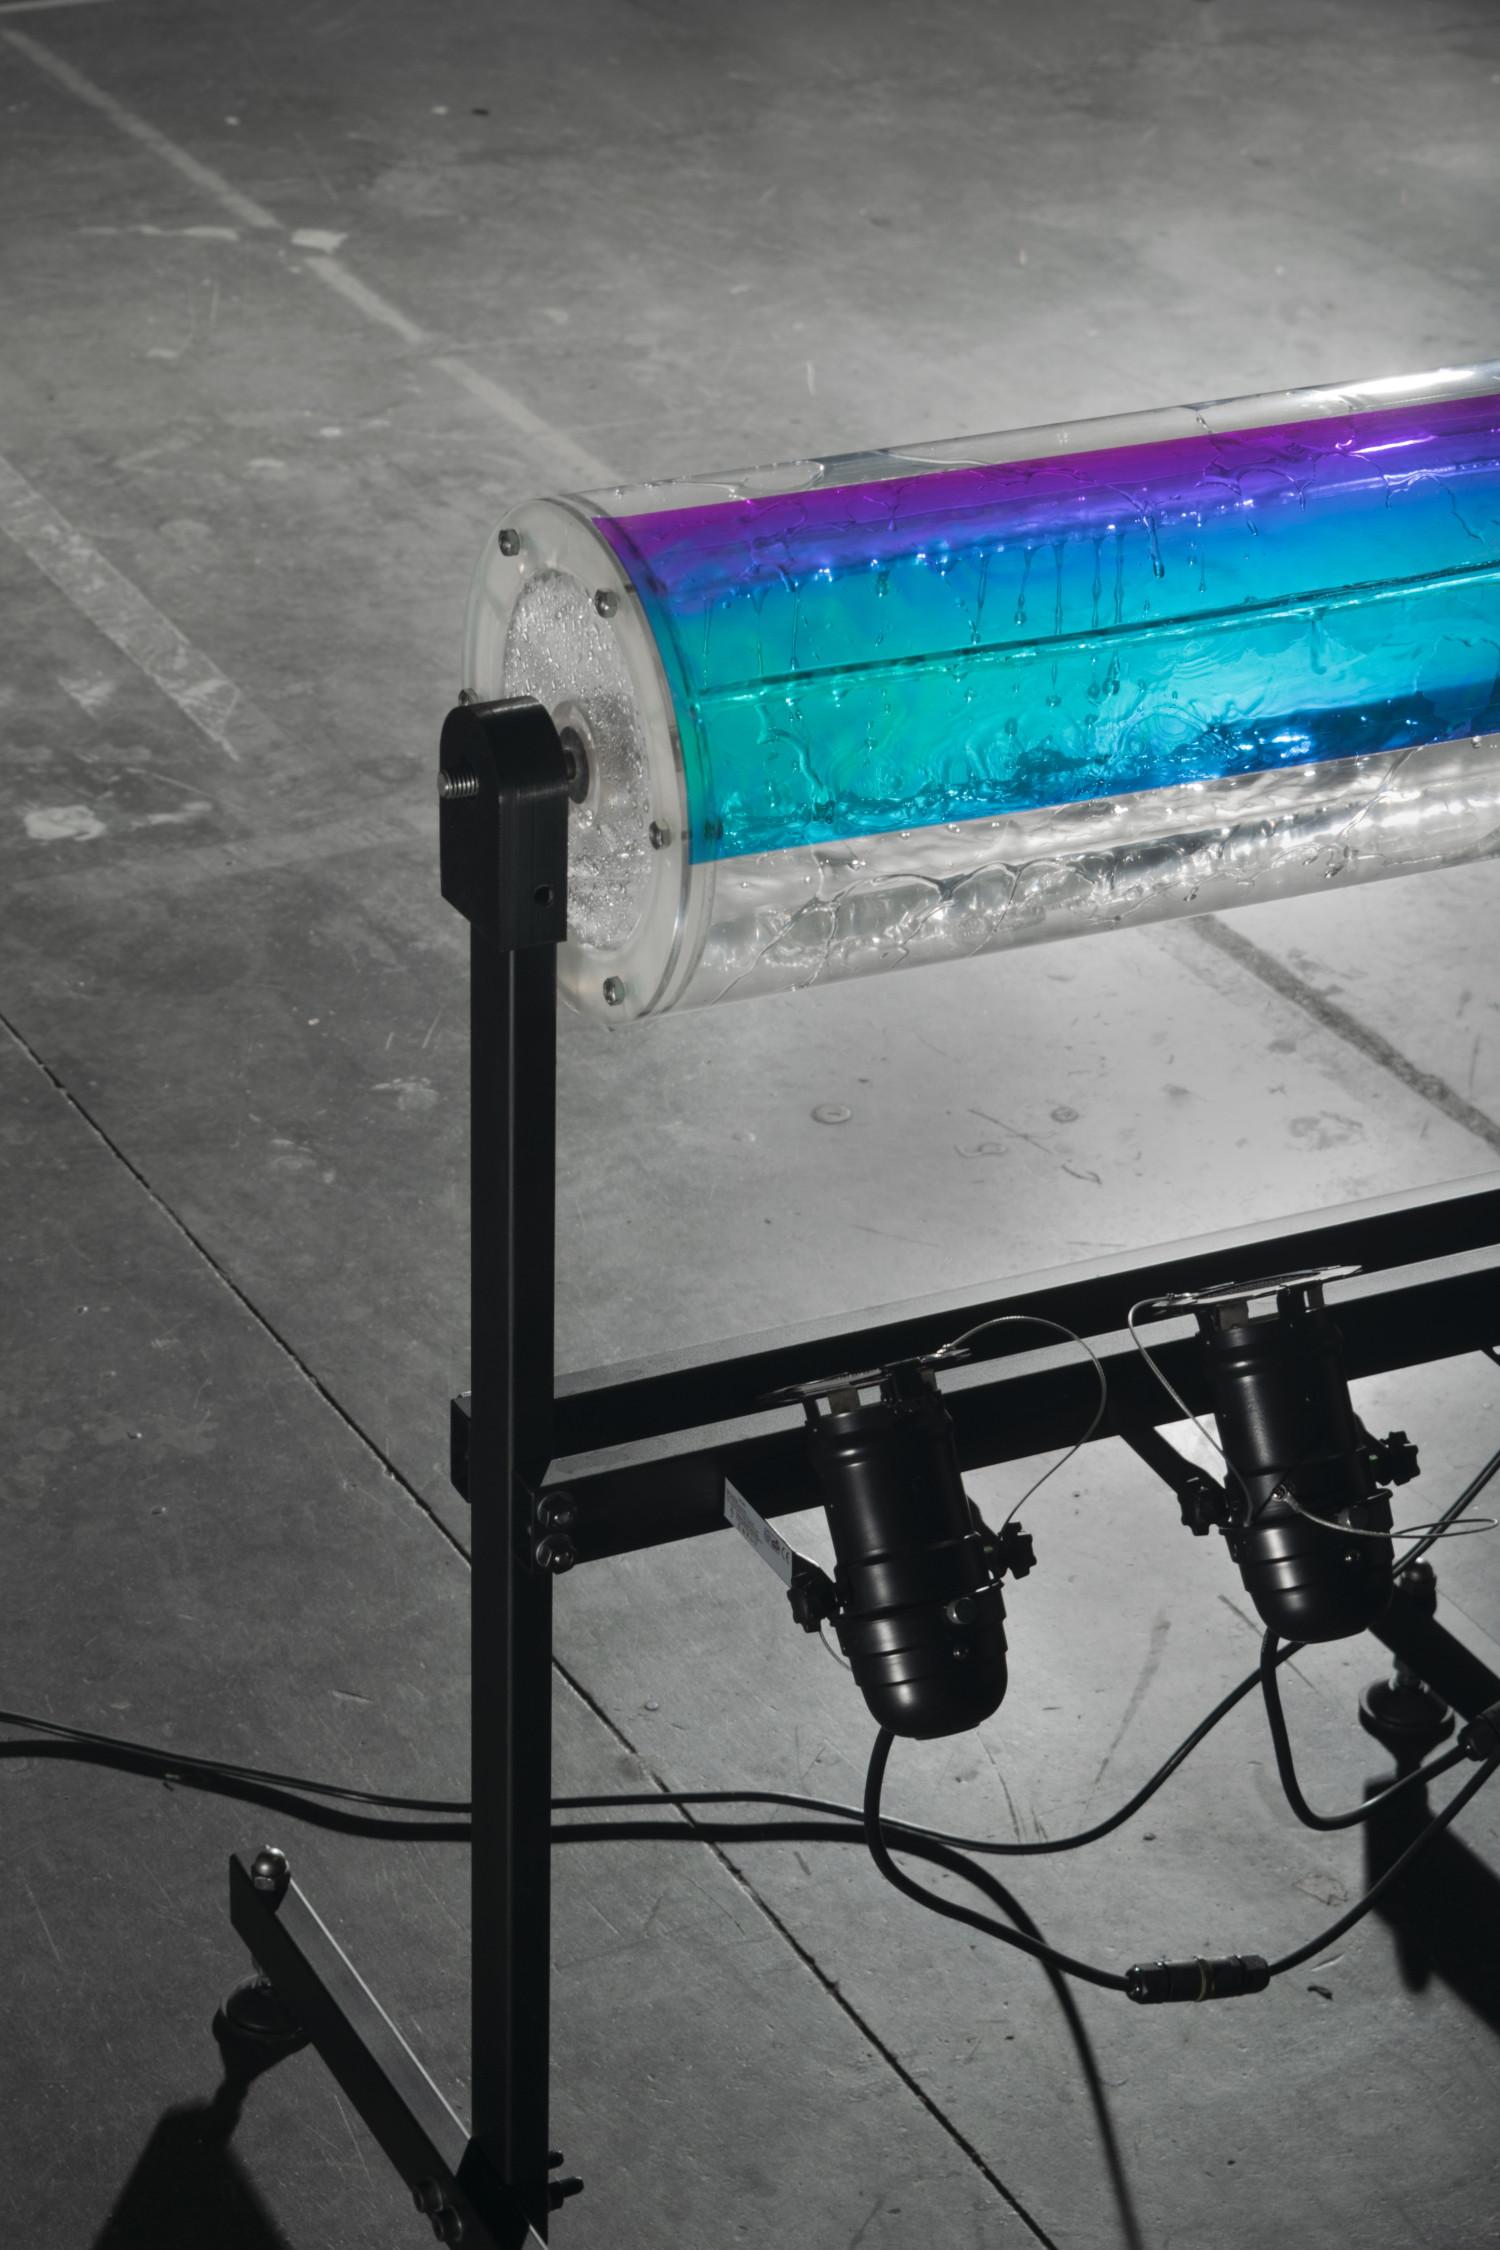 TC1A (Turning Caustics 1 A) - units - credit photo Roman Weil